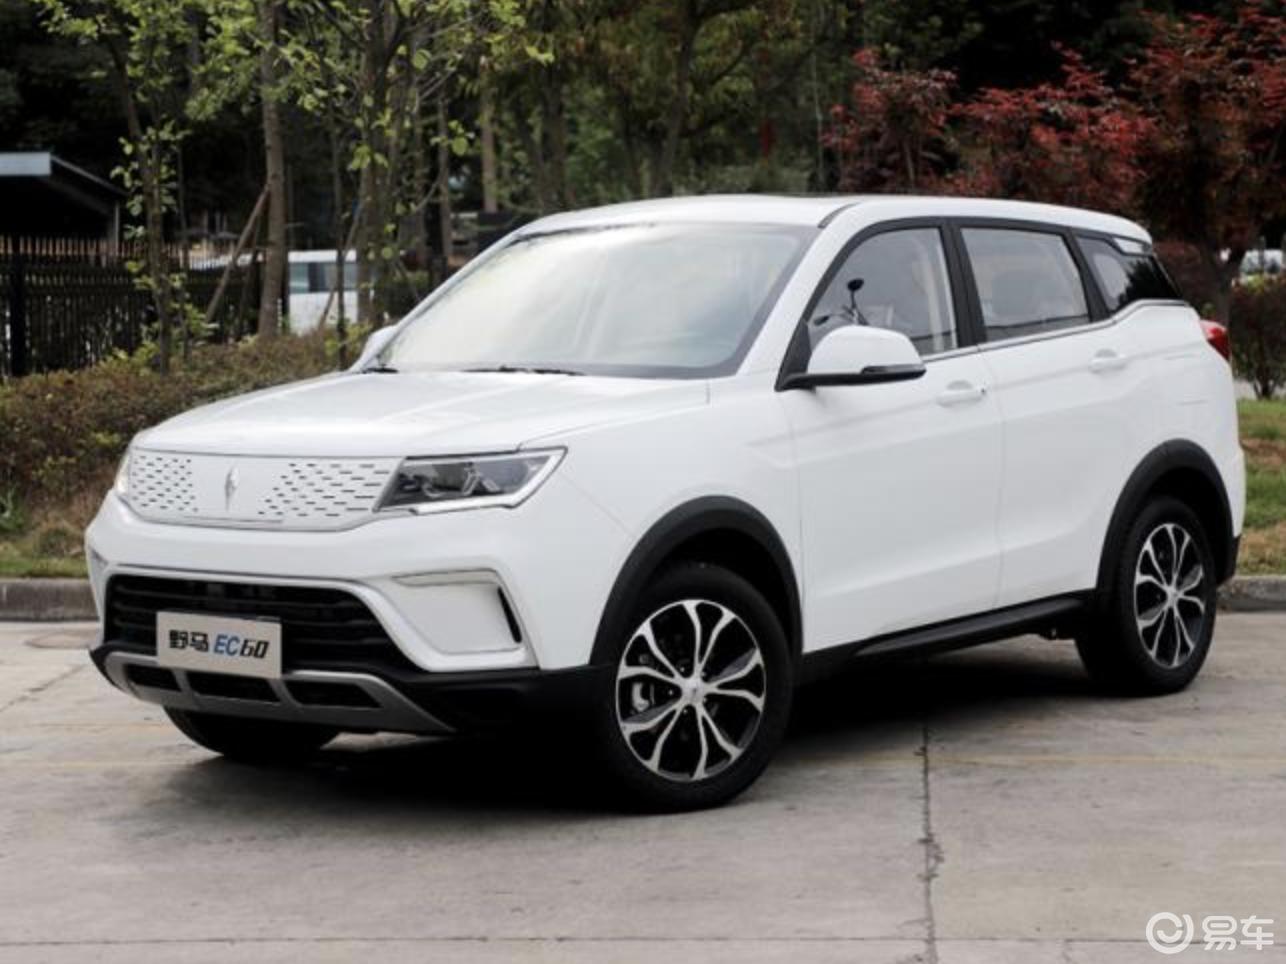 2020款野马EC60正式上市,新车售价10.99万元